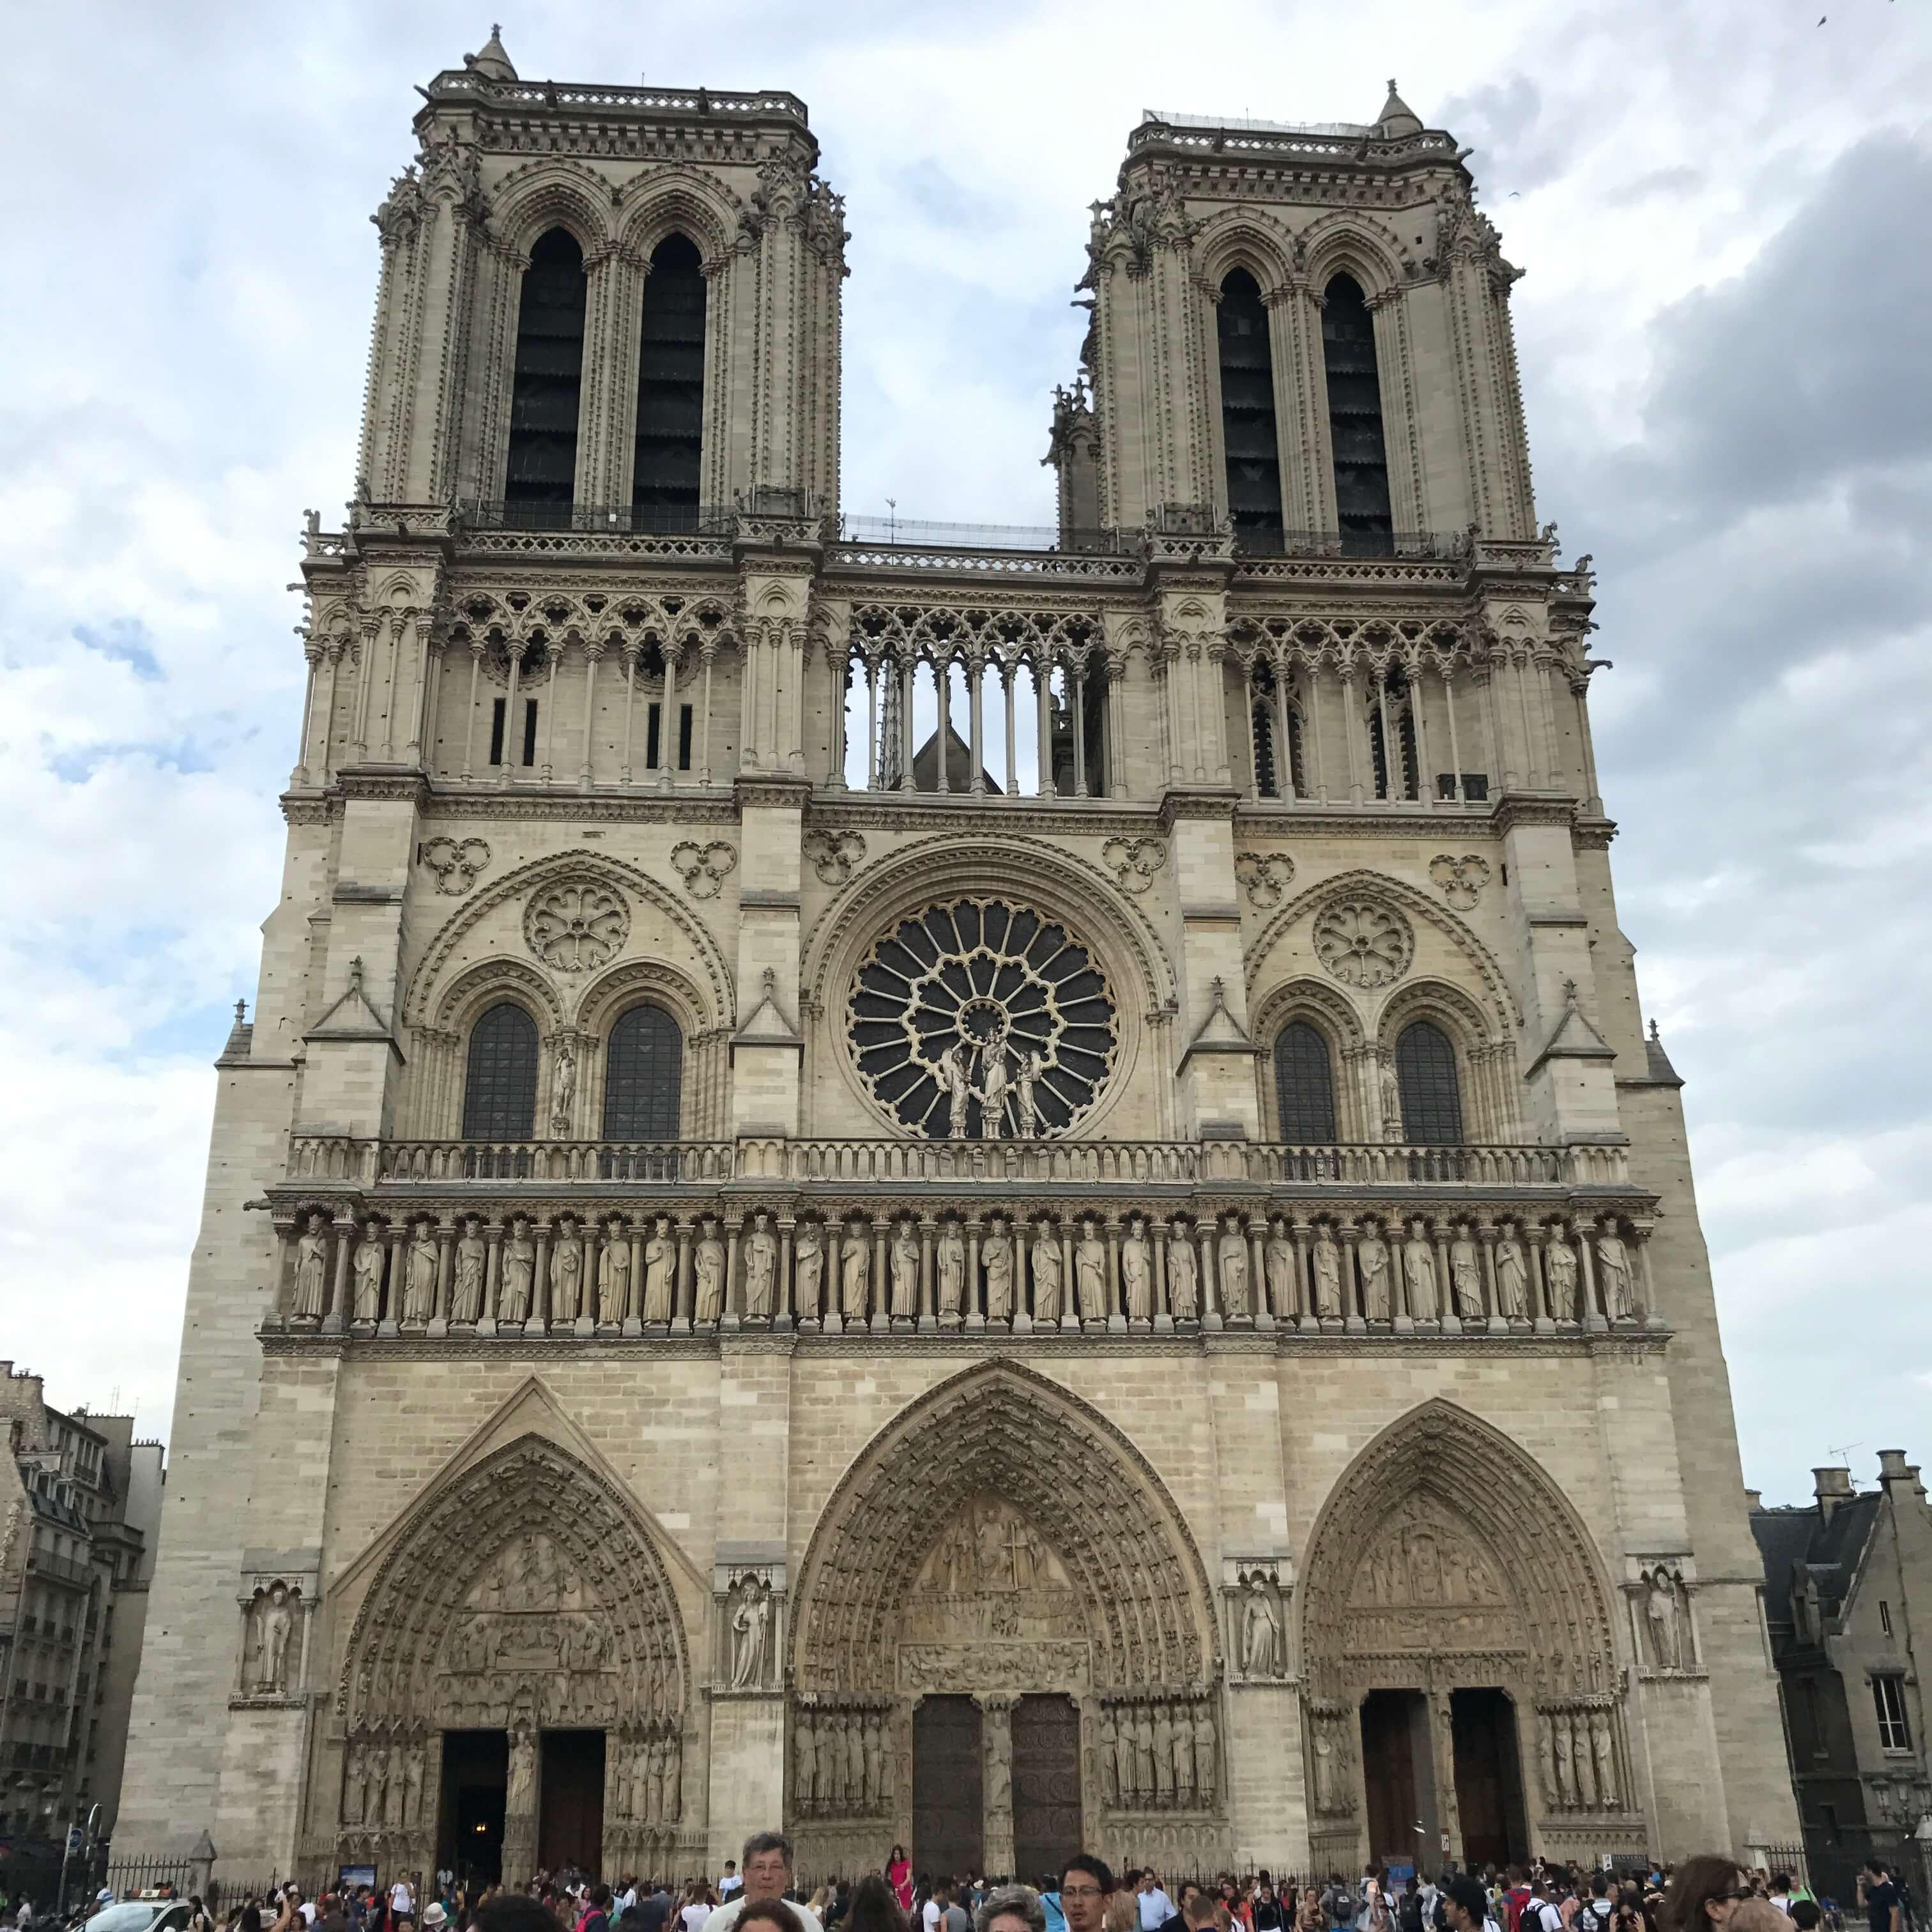 法國巴黎聖母院 photo by 倍包客